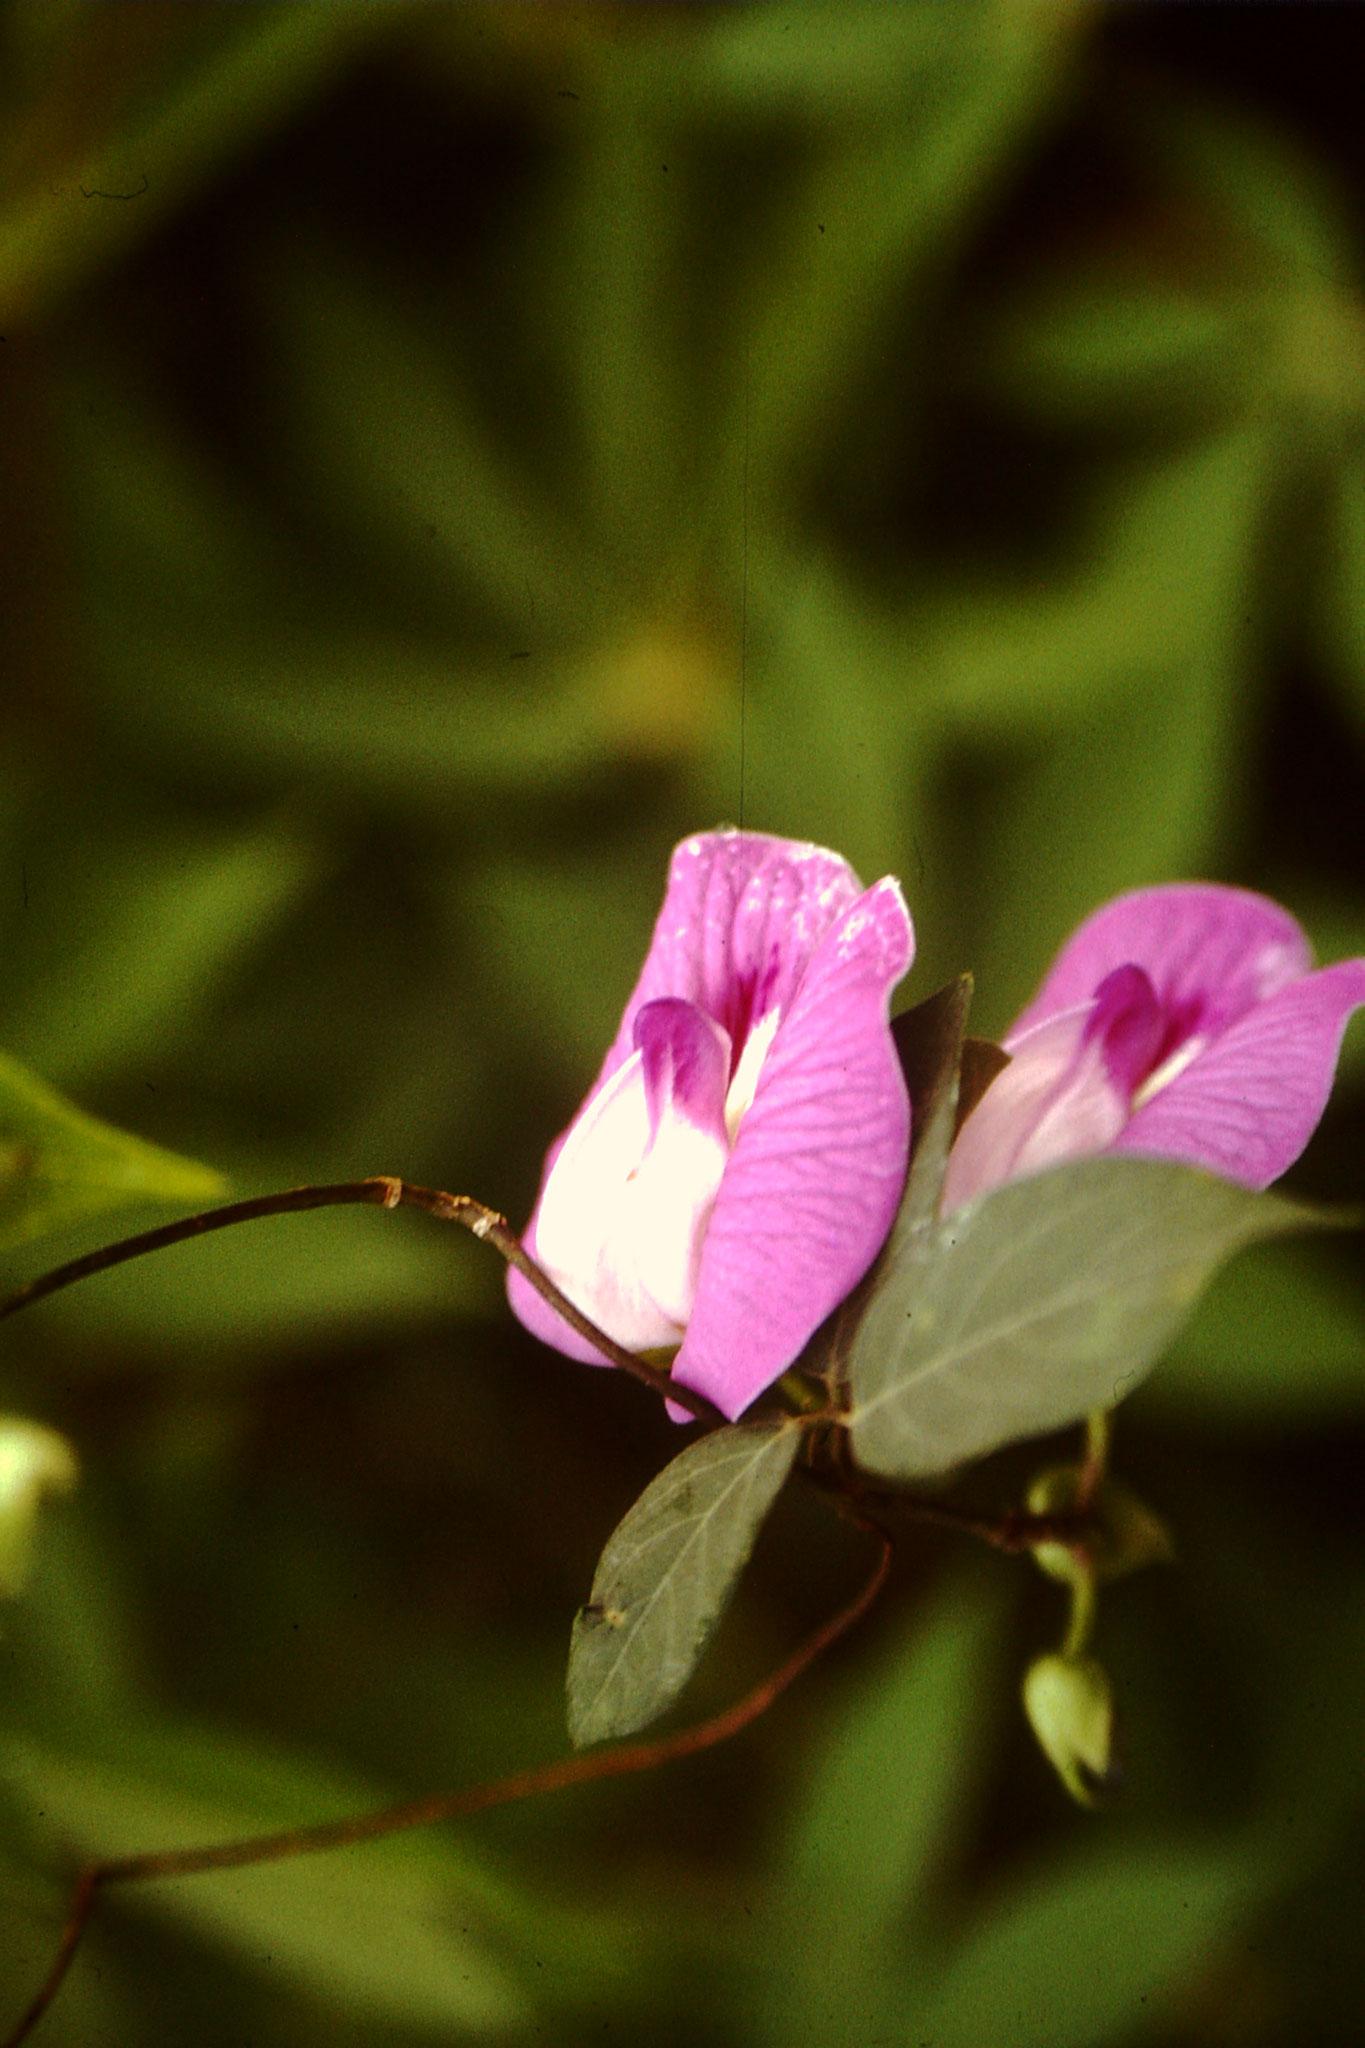 Schöne Blume. Ich weiss nicht ob es eine Orchideenart ist.